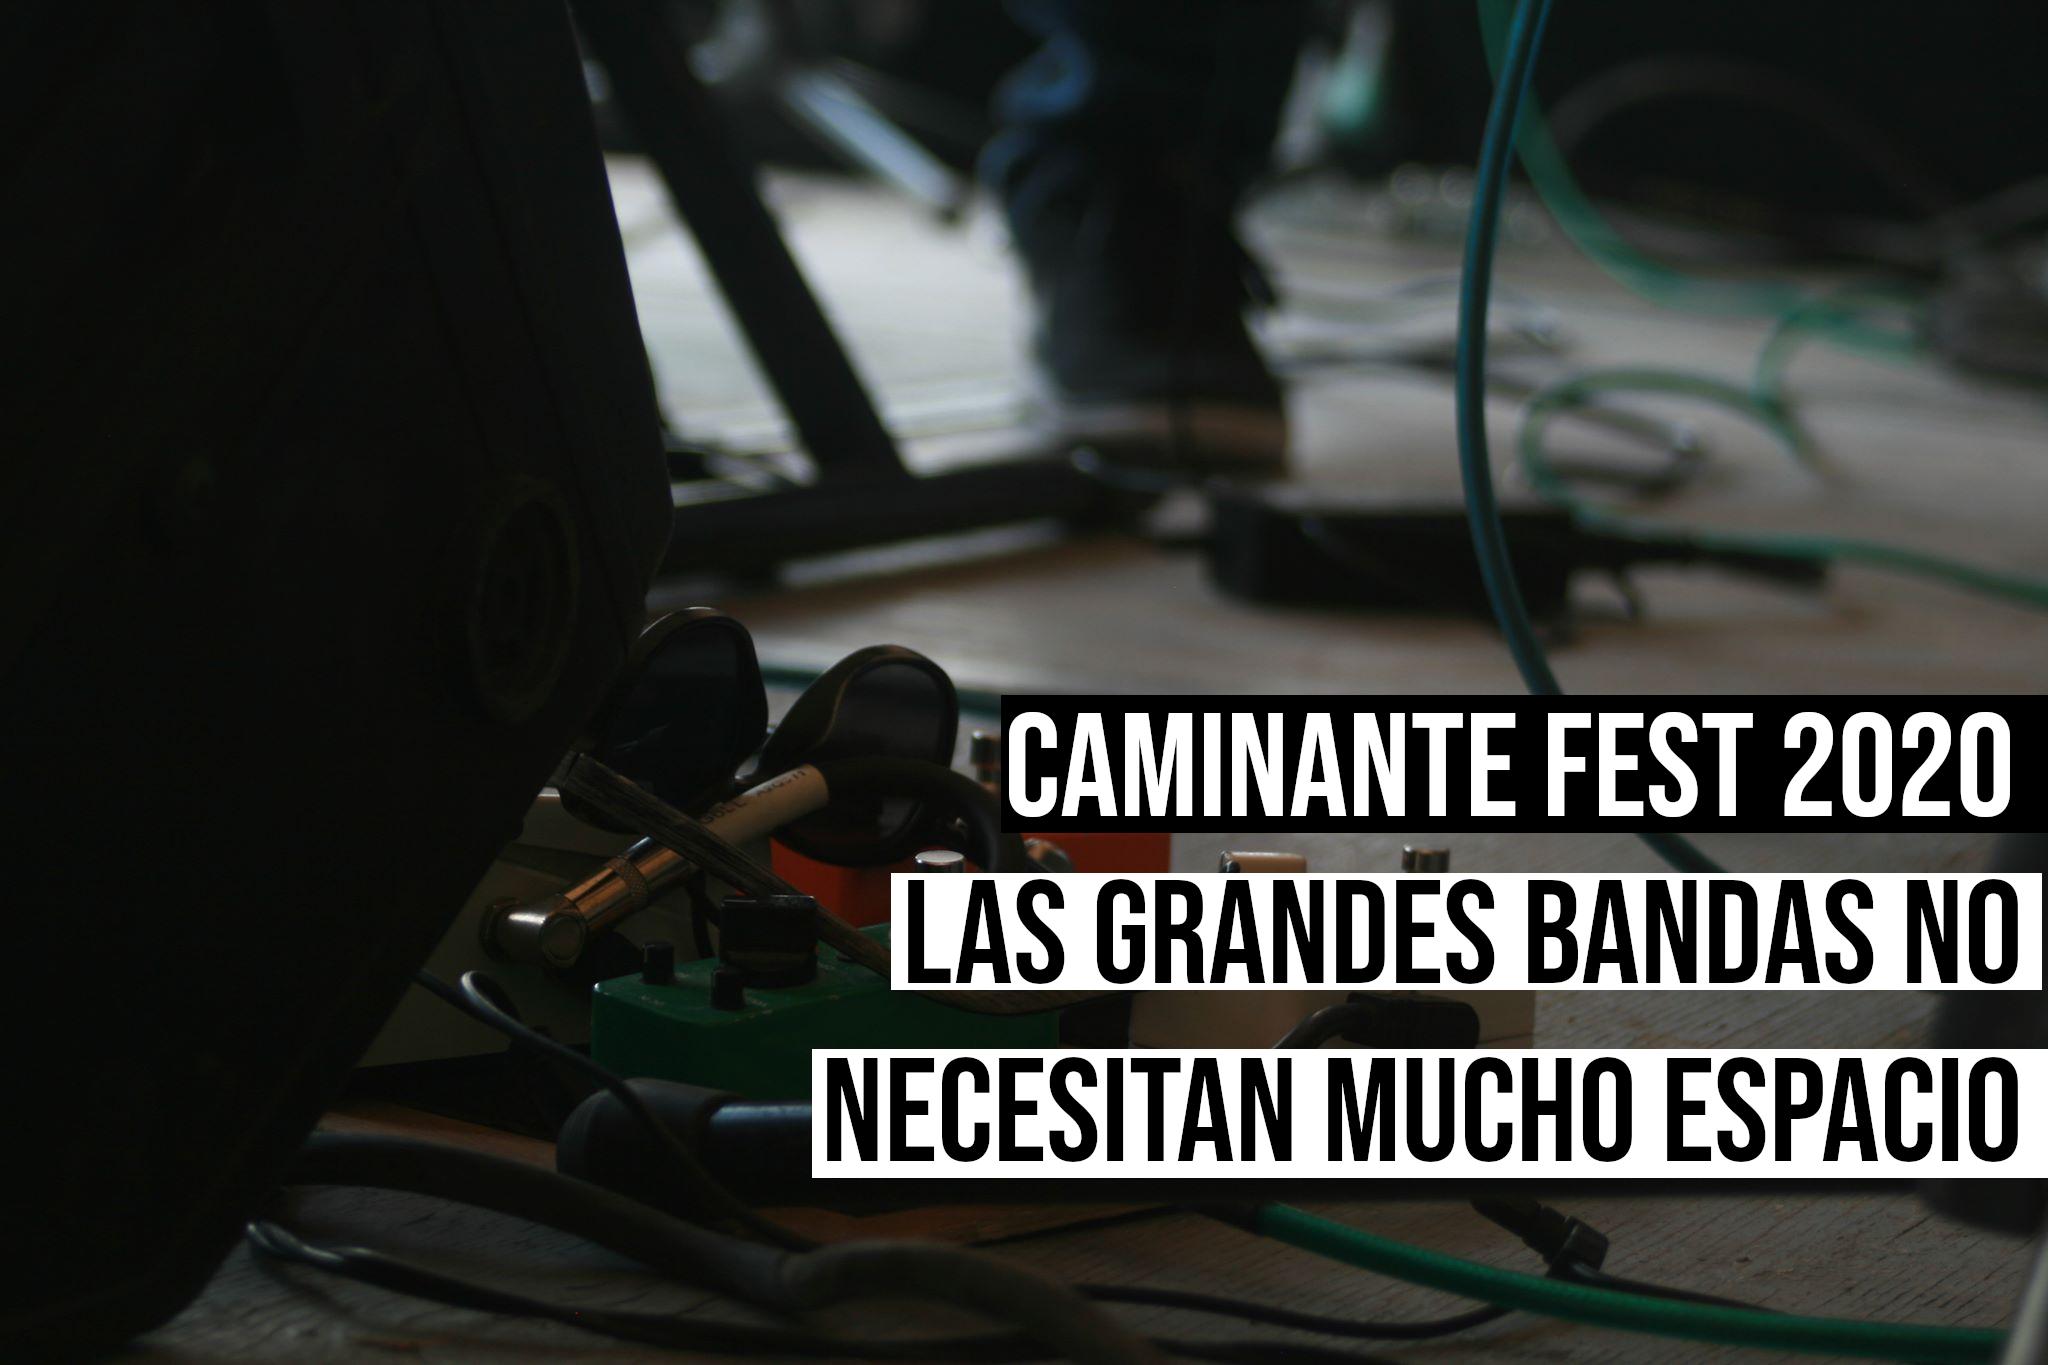 Las grandes bandas no necesitan mucho espacio Caminante Fest 2020